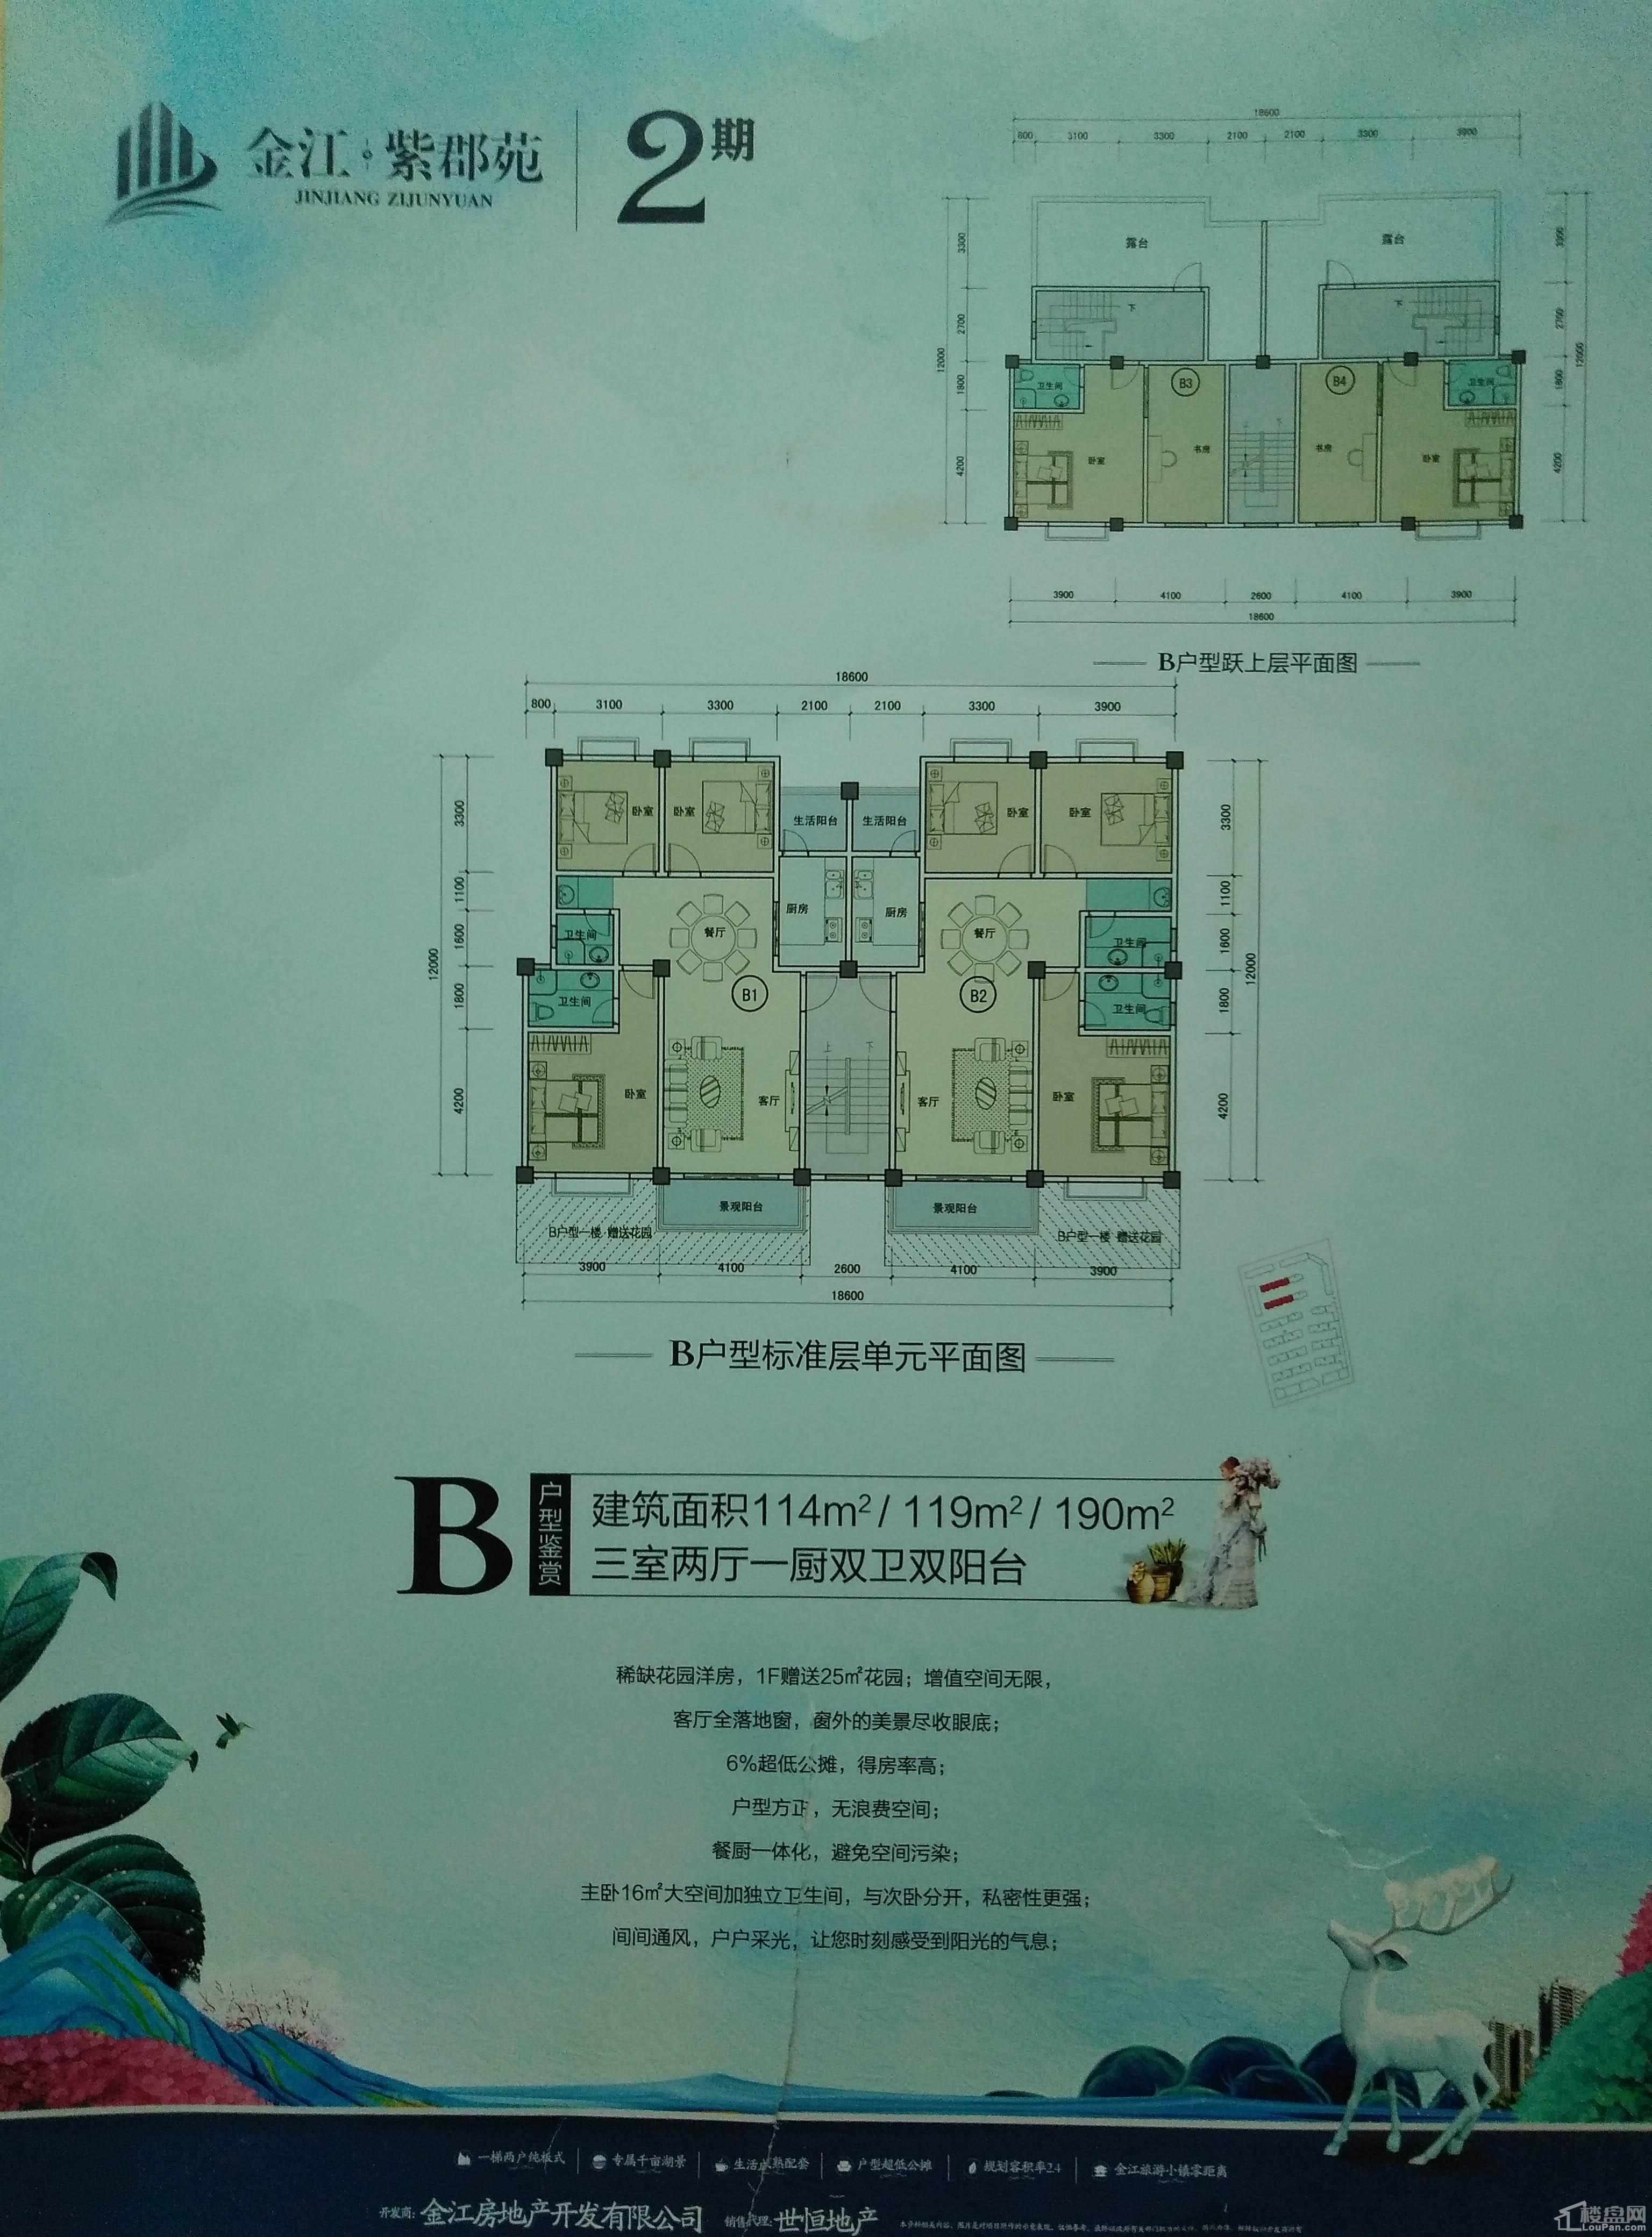 二期B户型 三房两厅一厨双卫双阳台 114.47㎡/119㎡/190㎡